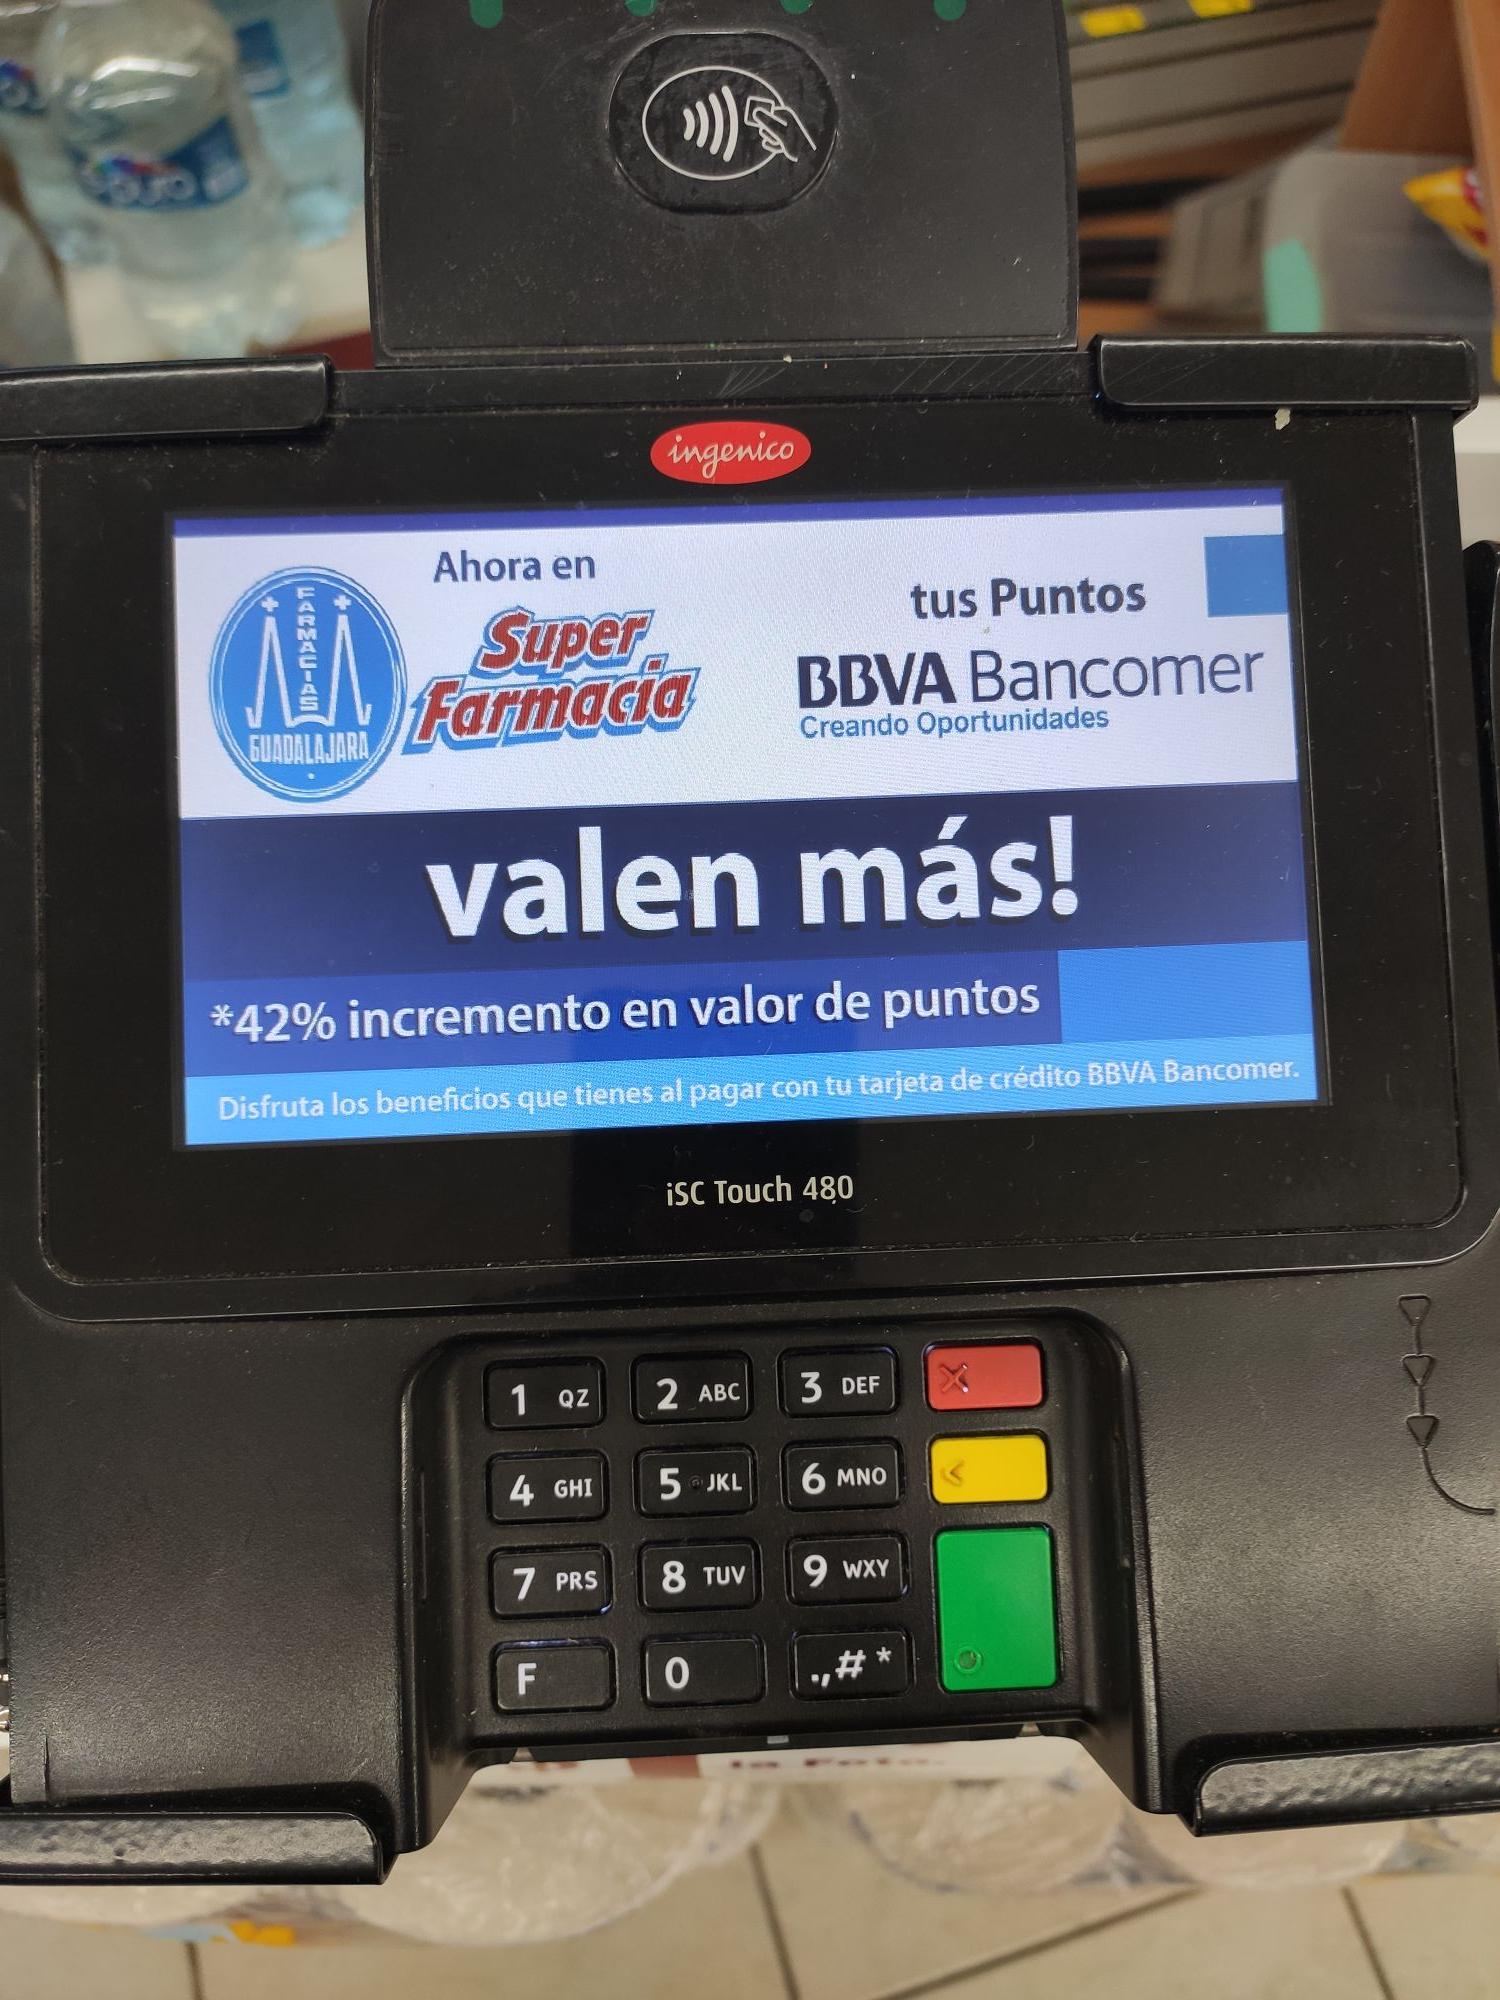 Tus puntos Bancomer valen más en Farmacias Guadalajara